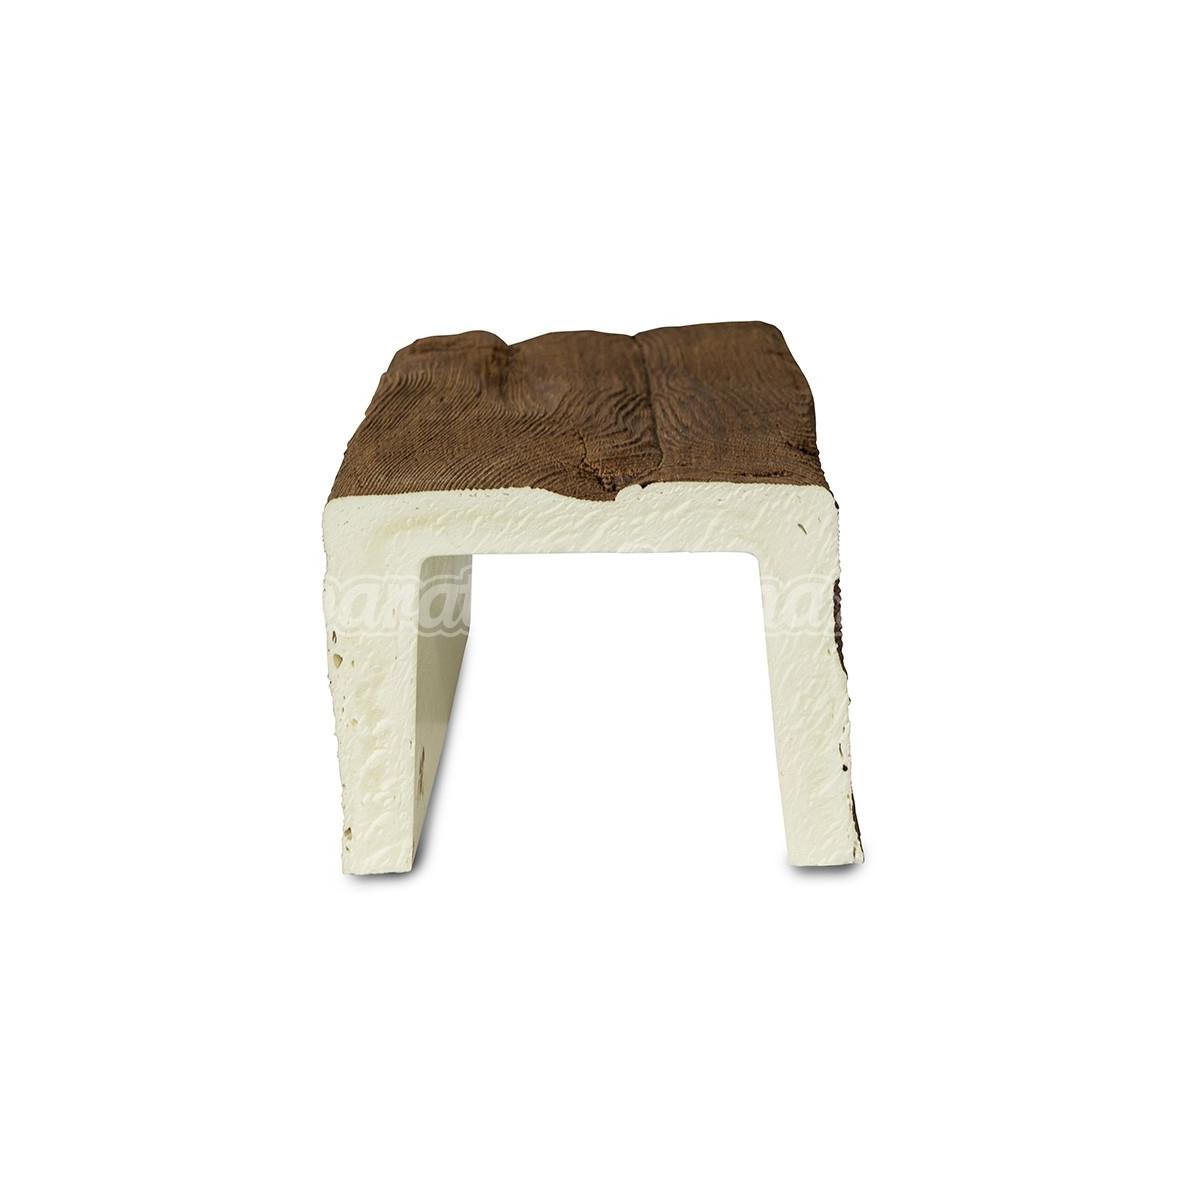 Viga 300x12,5x8 imitación madera Vigas imitación madera cuadradas Grupo Unamacor